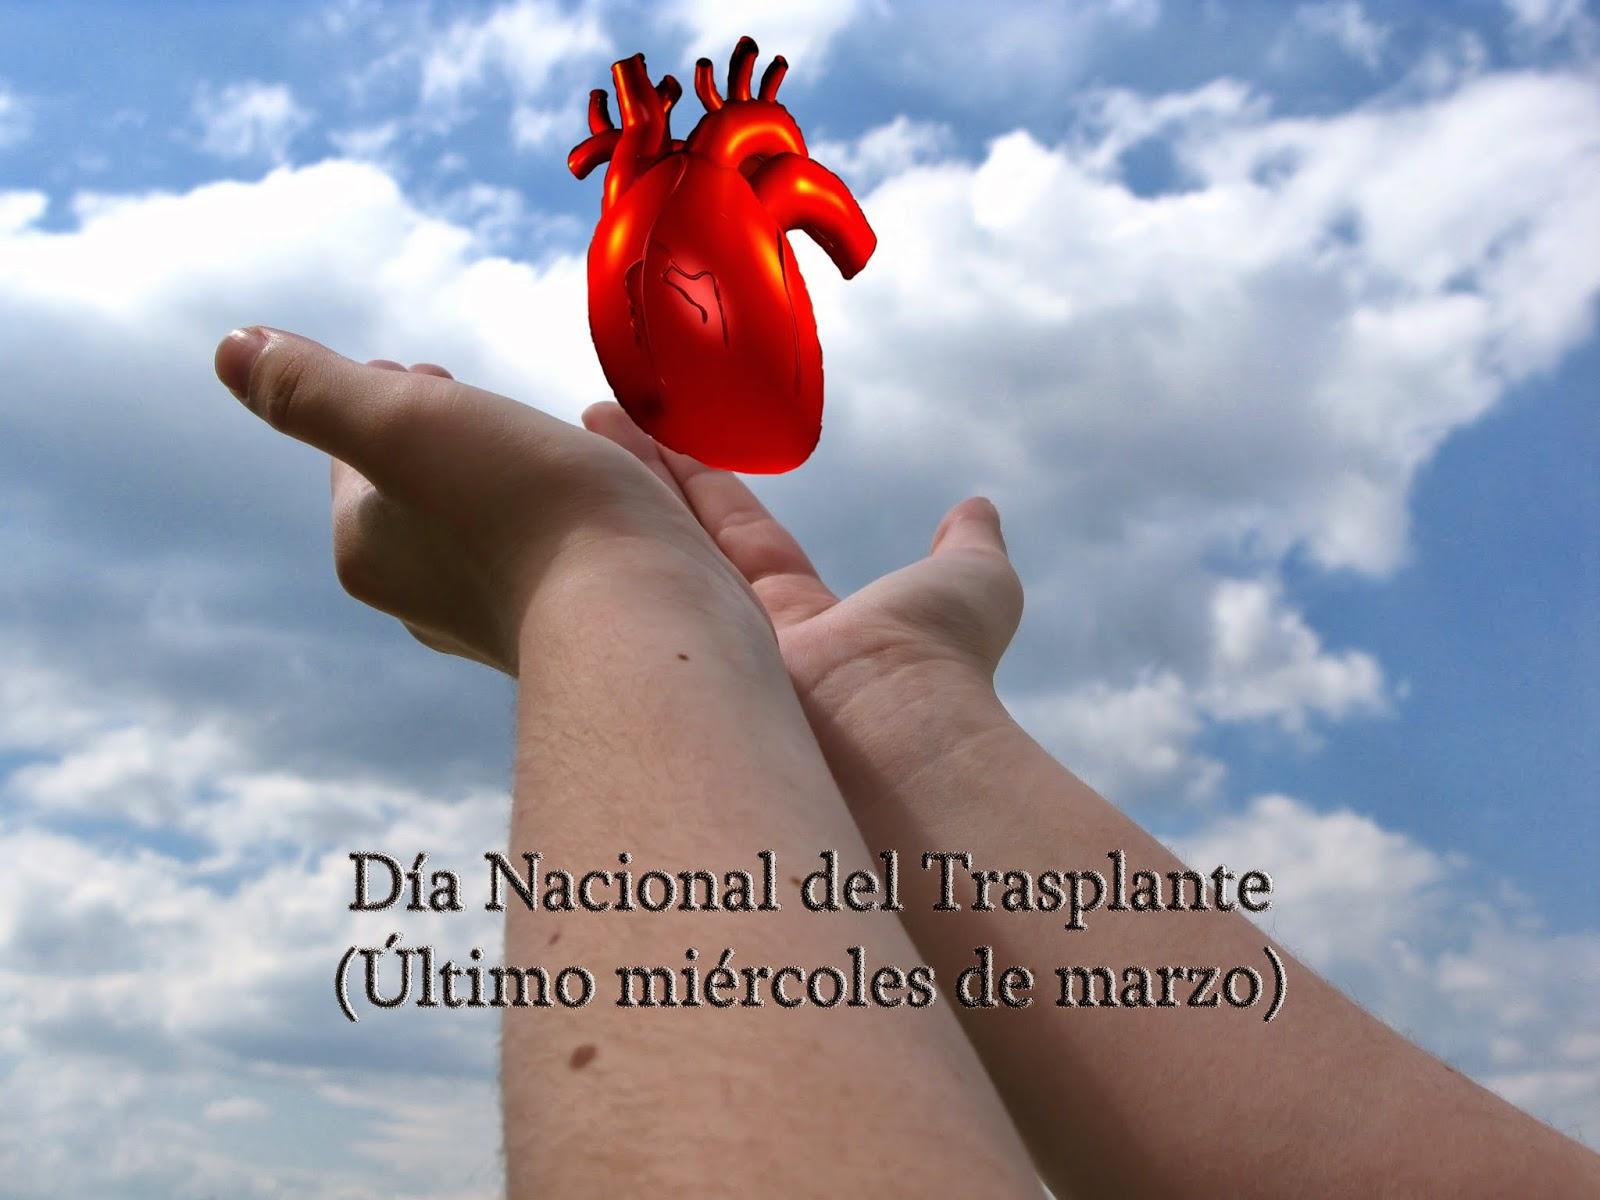 El último miércoles de marzo se celebra el día nacional del trasplante